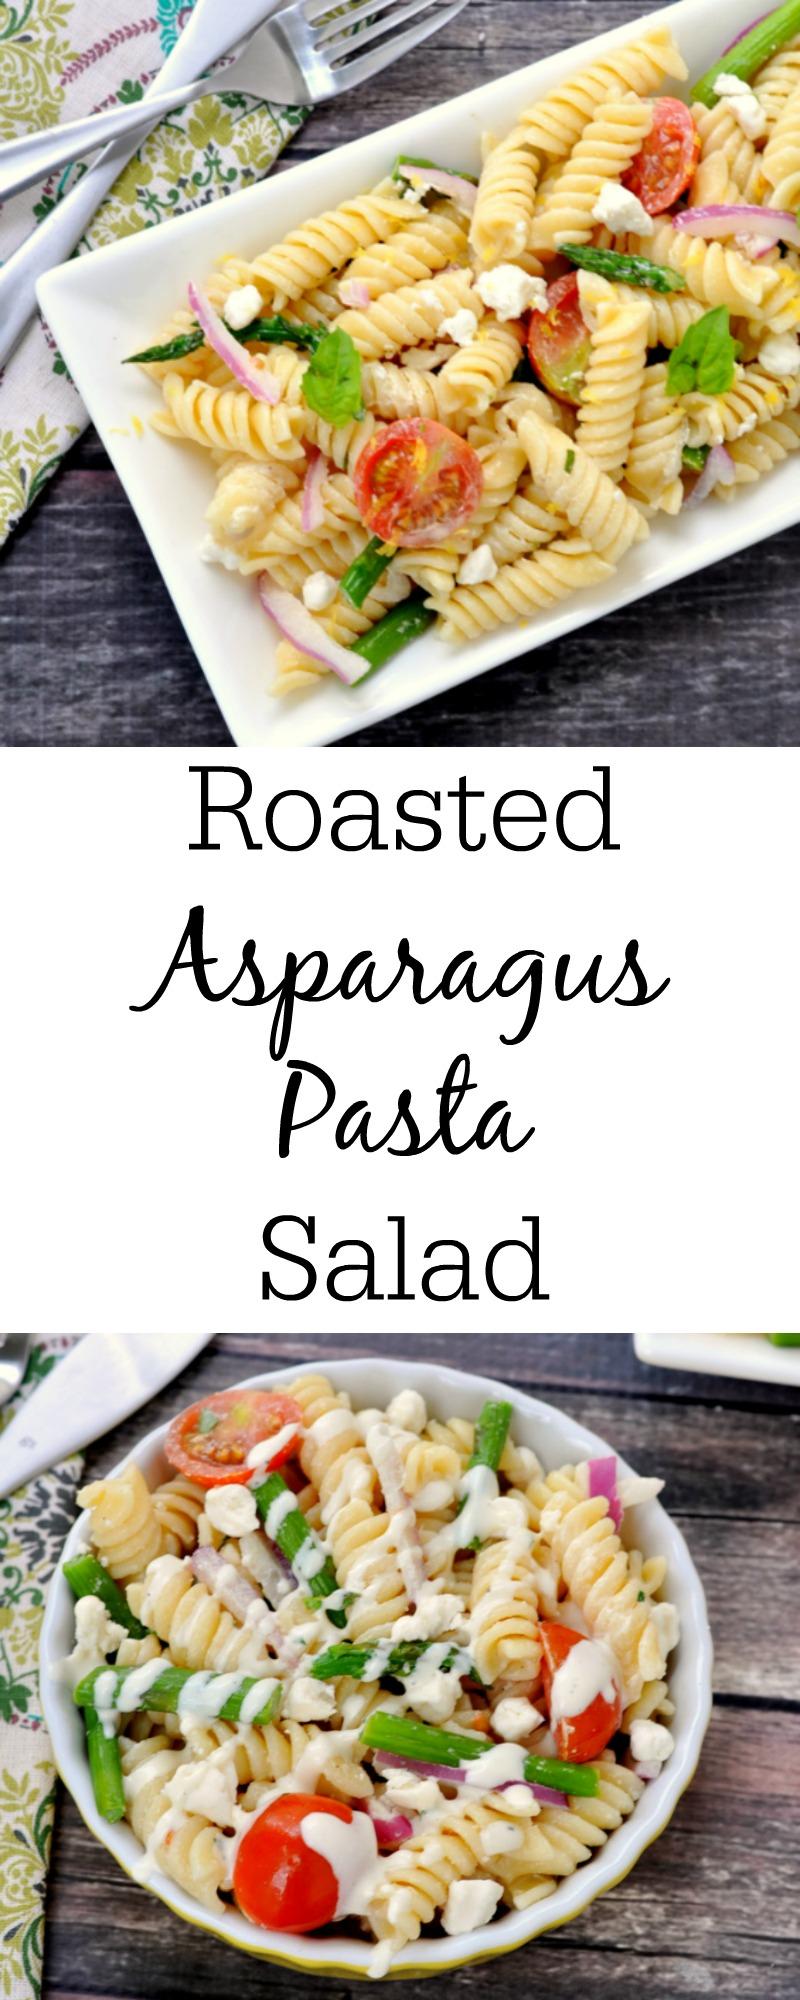 Roasted Asparagus Pasta Salad